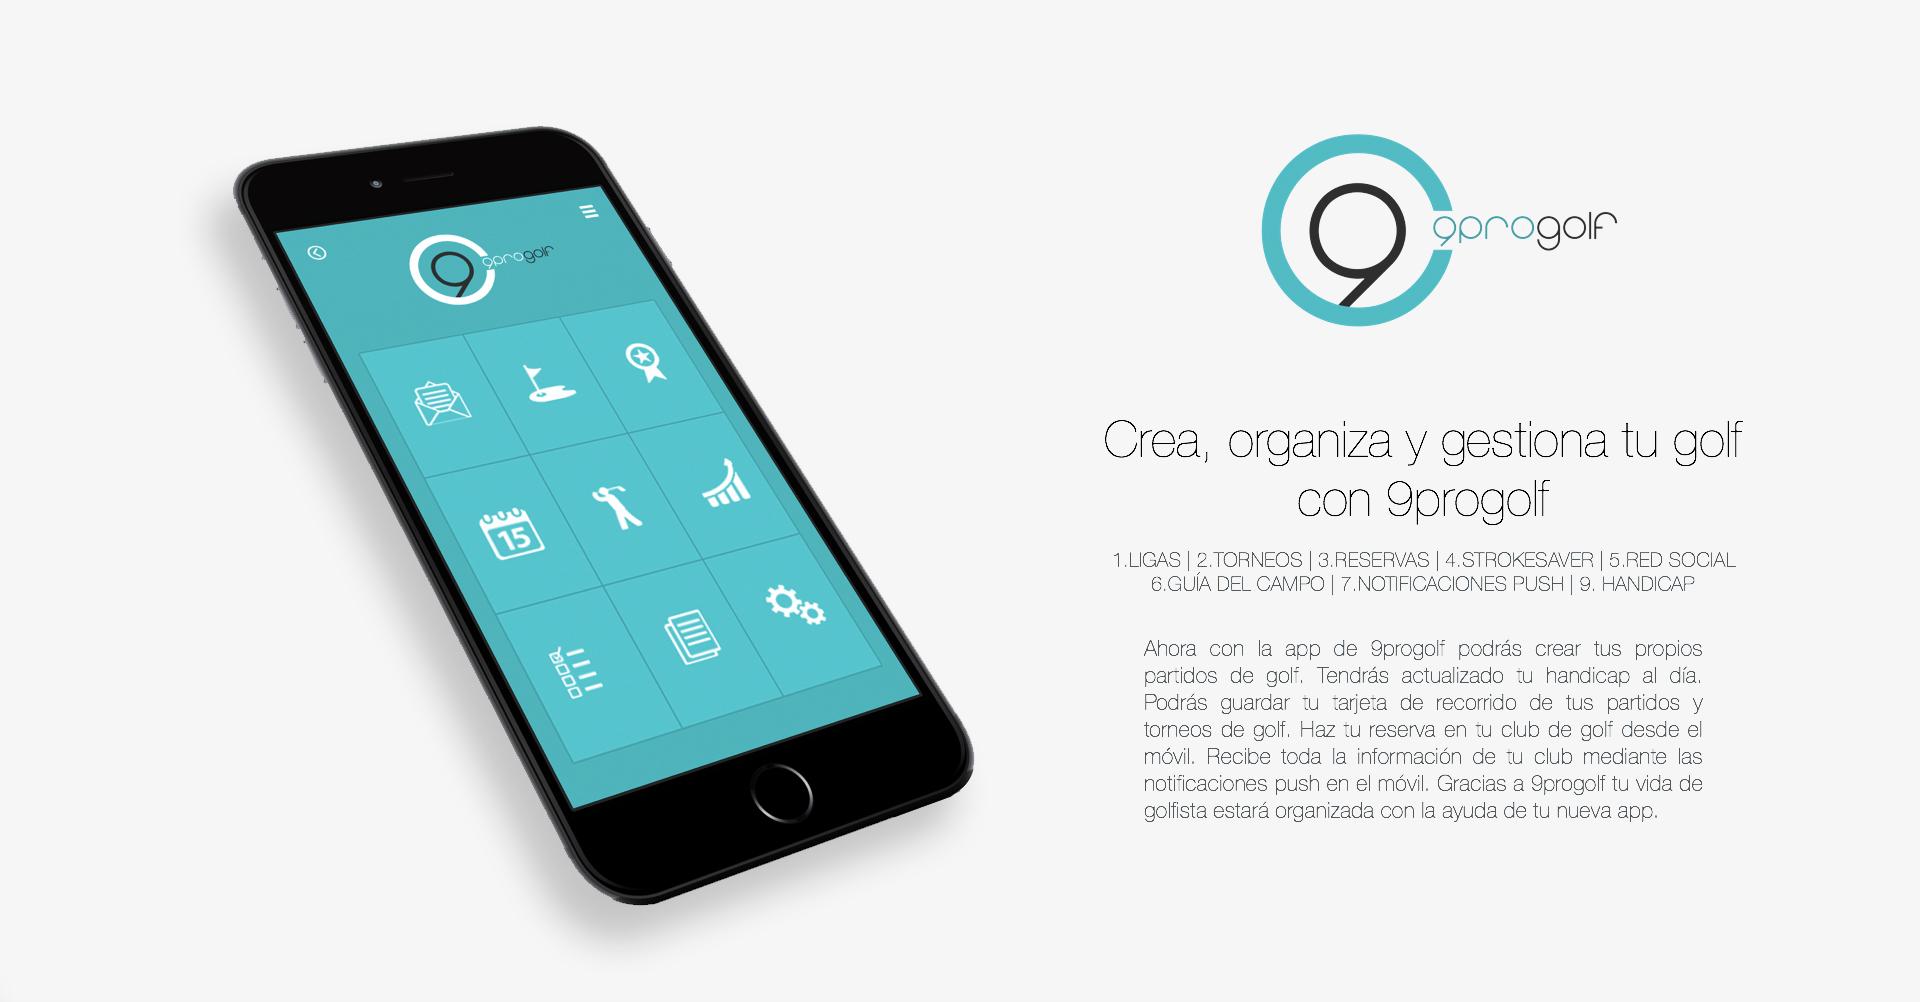 9progolf | App Pro